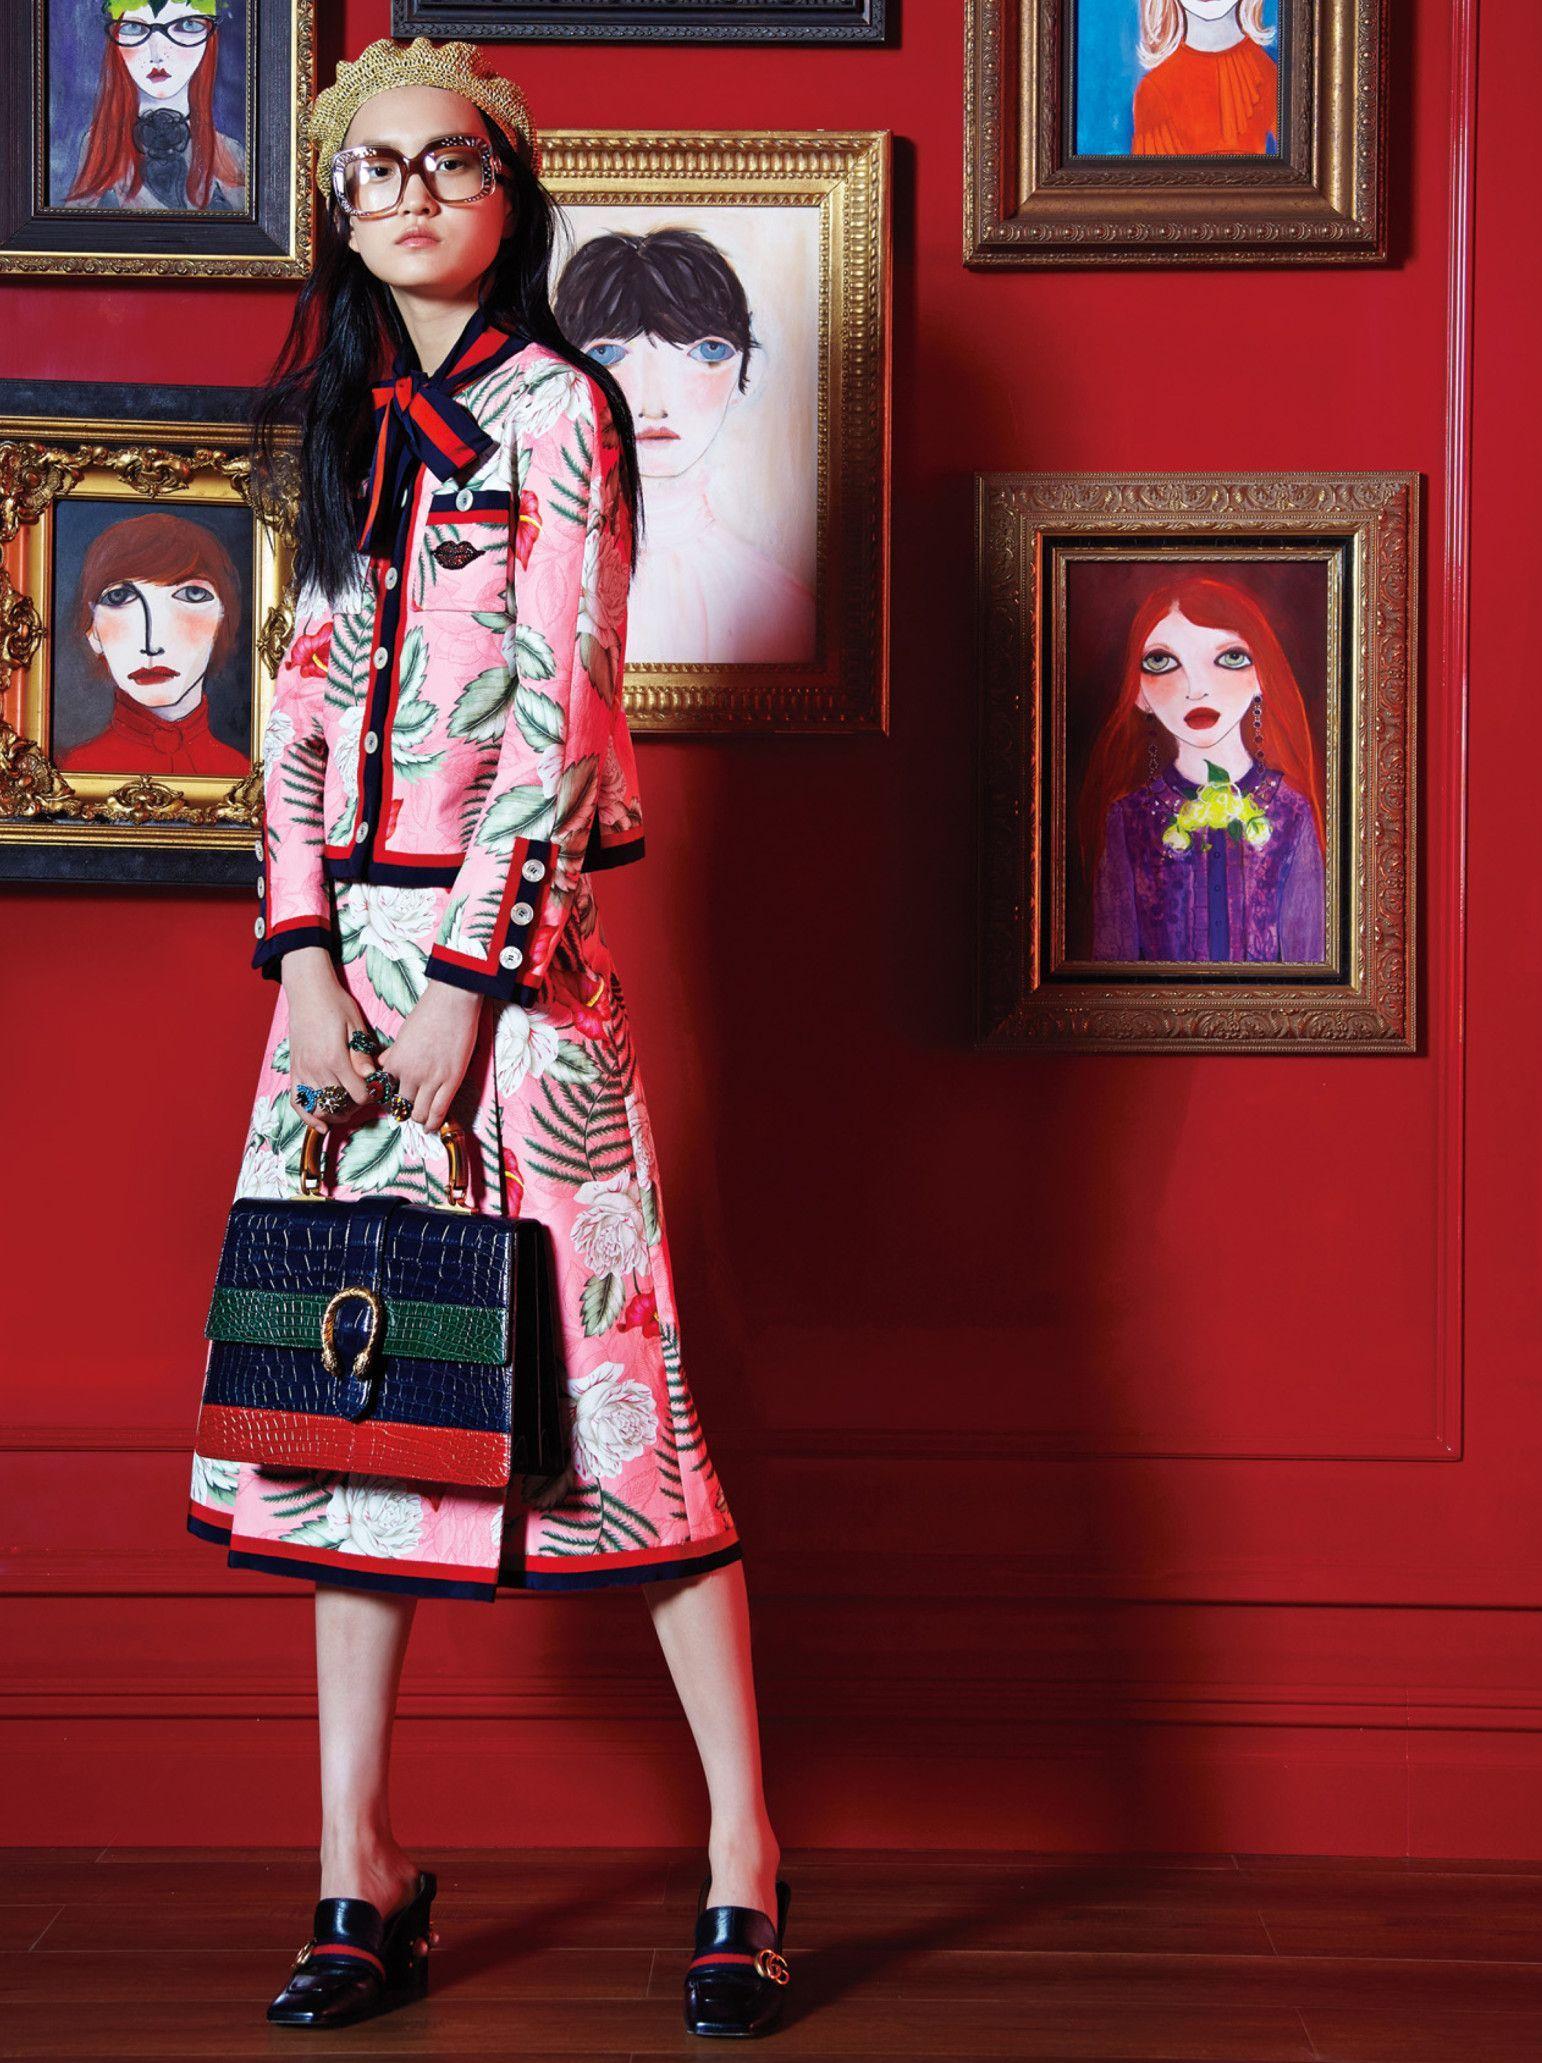 95733e54b38 Gucci s Alessandro Michele  The New Romantic - Gucci-Wmag